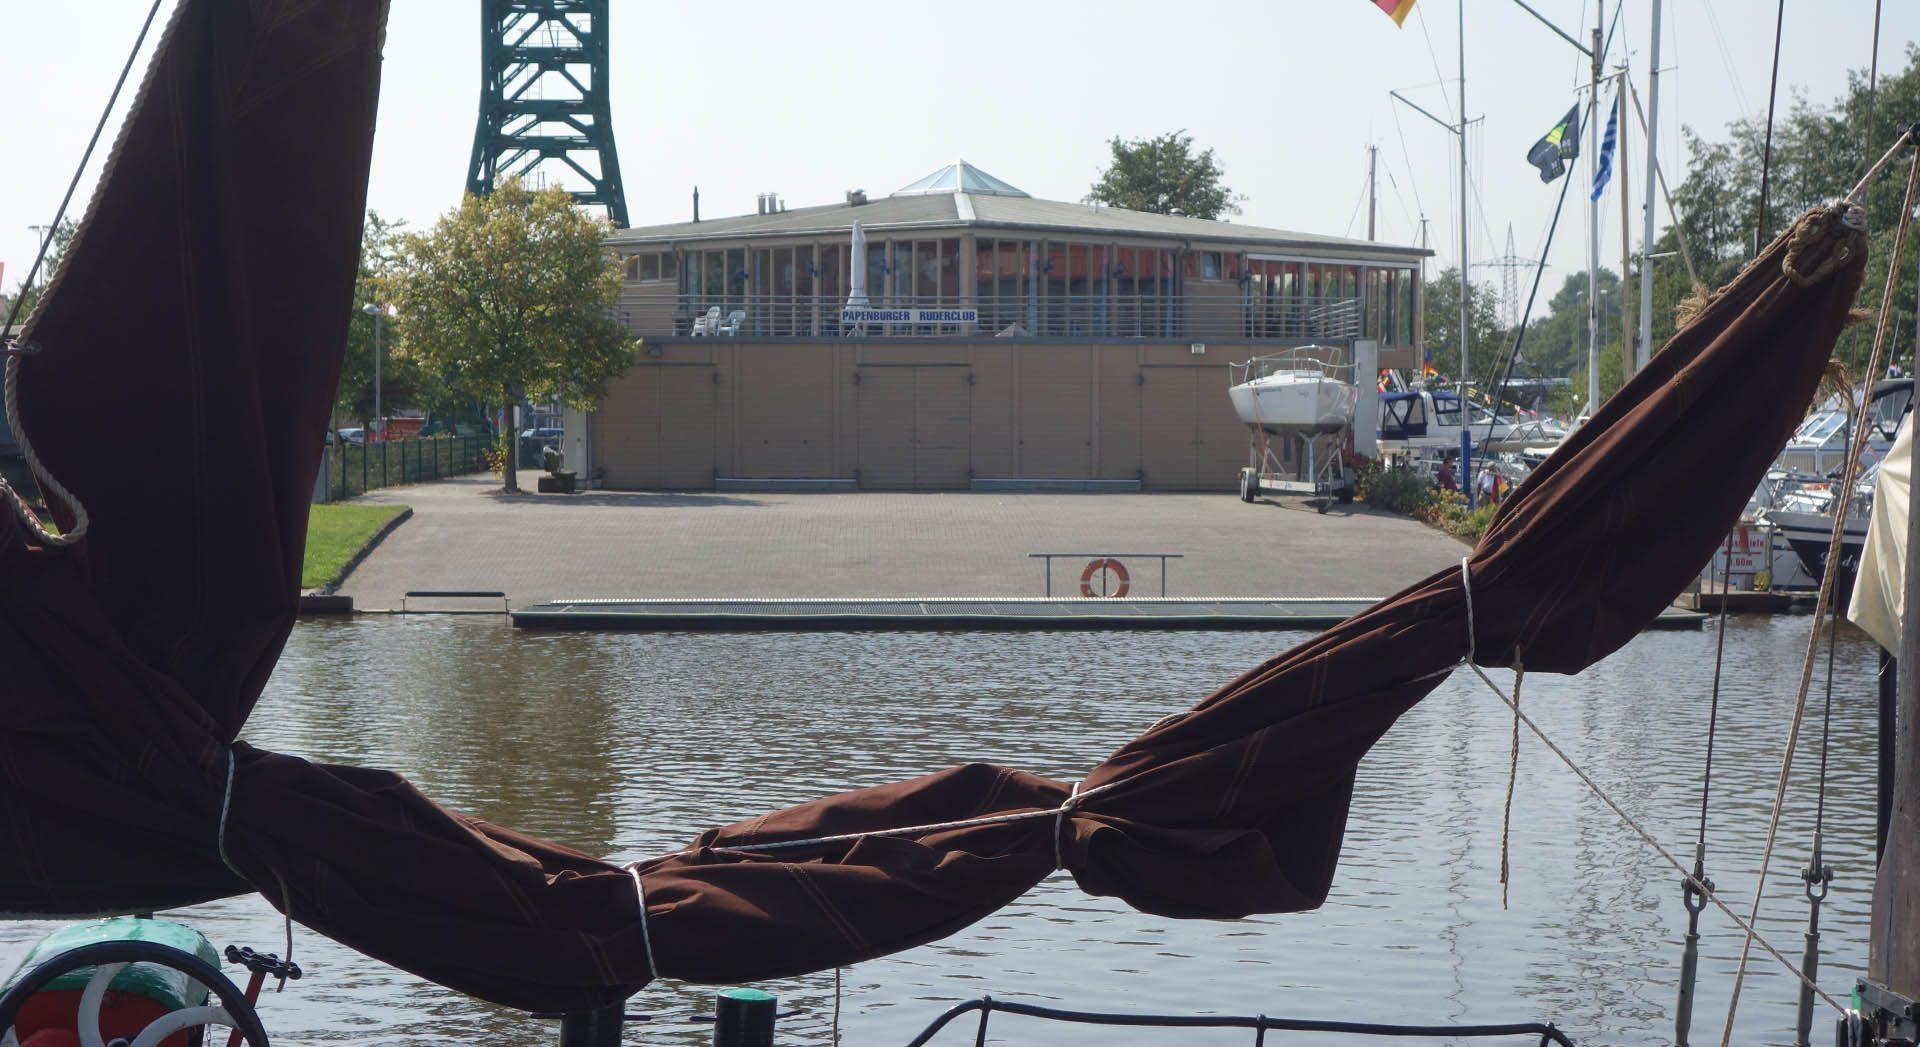 Gewerbearchitektur; Gewerbebau; Architektur; Neubau; Yachthafen; Hafengebäude; Hafen; Clubhaus; Papenburger Ruderclub; Papenburg